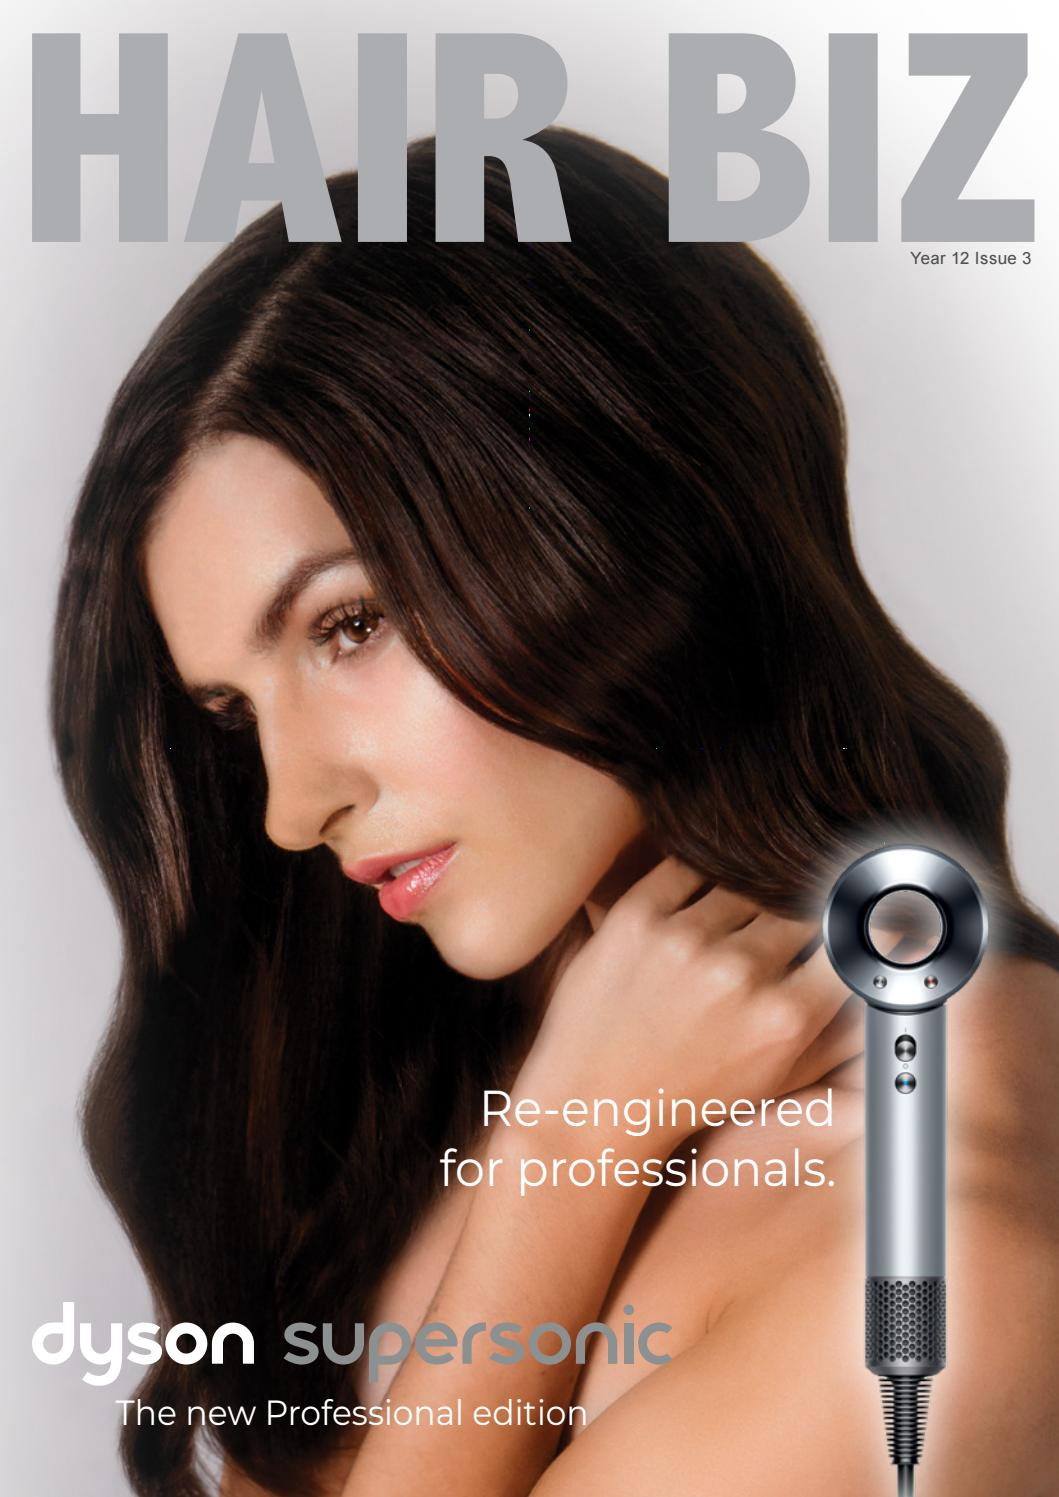 Hairbiz Year 12 Issue 3